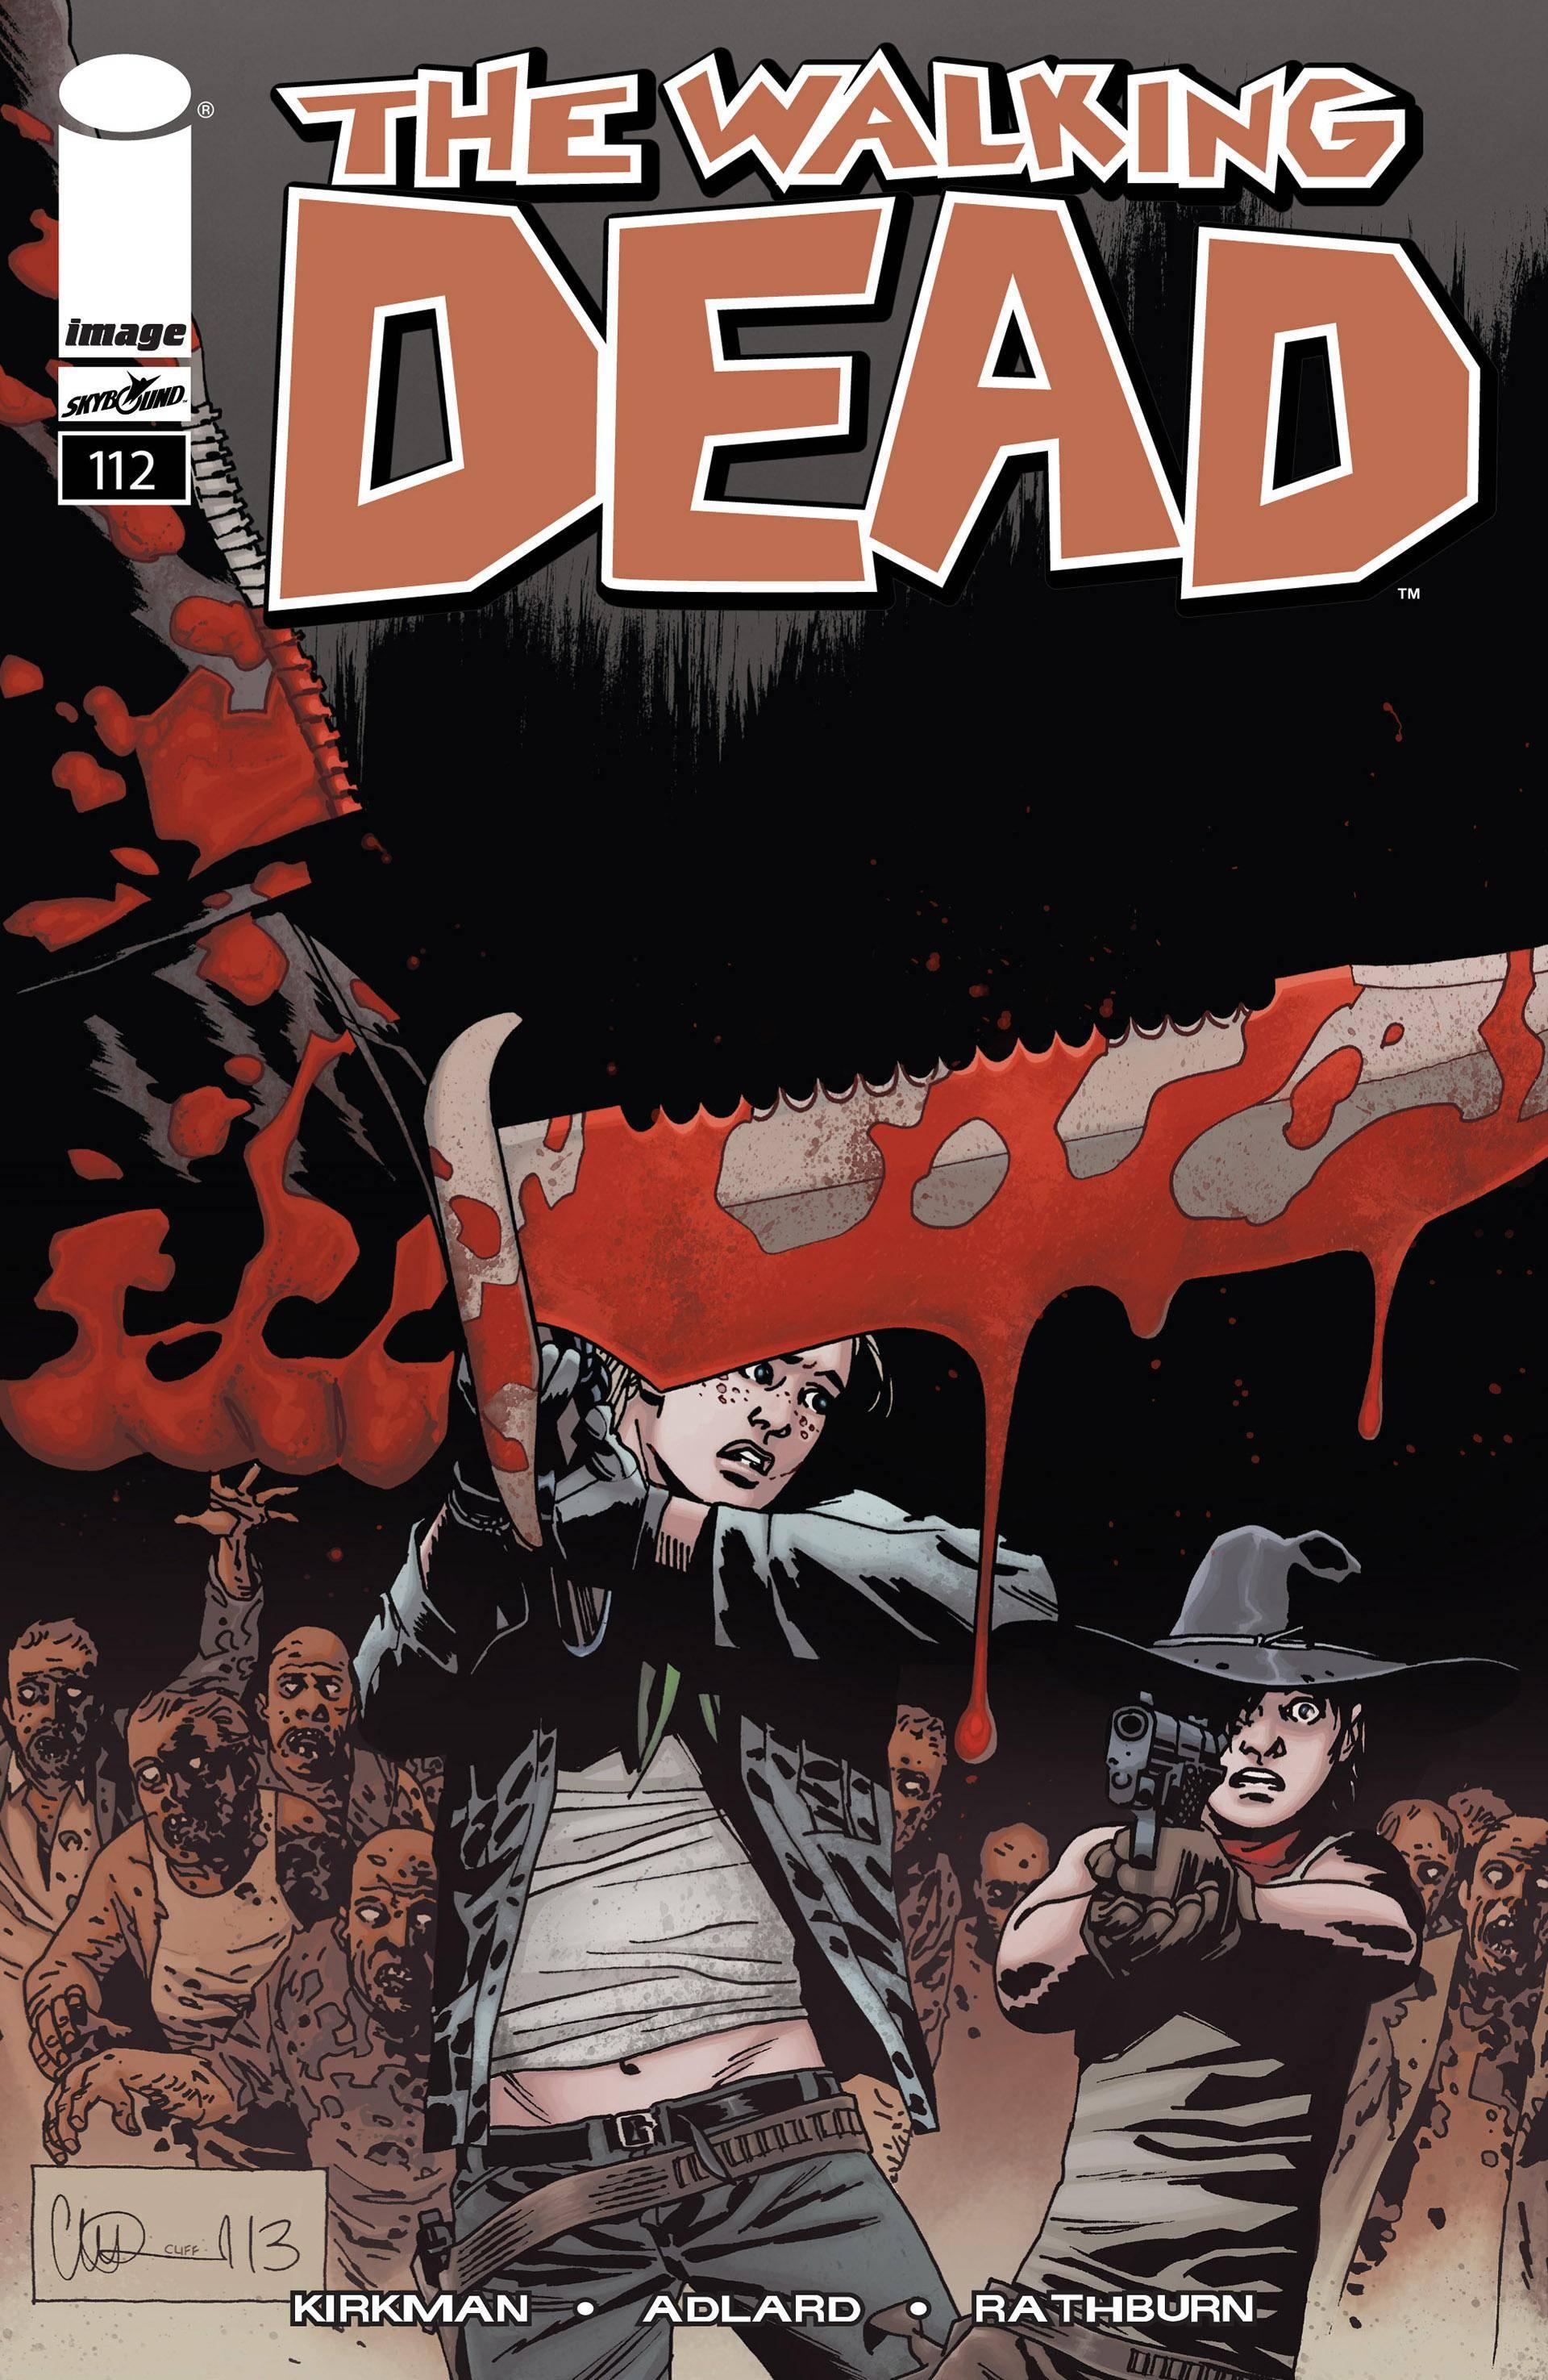 Walking Dead 112 2013 Digital